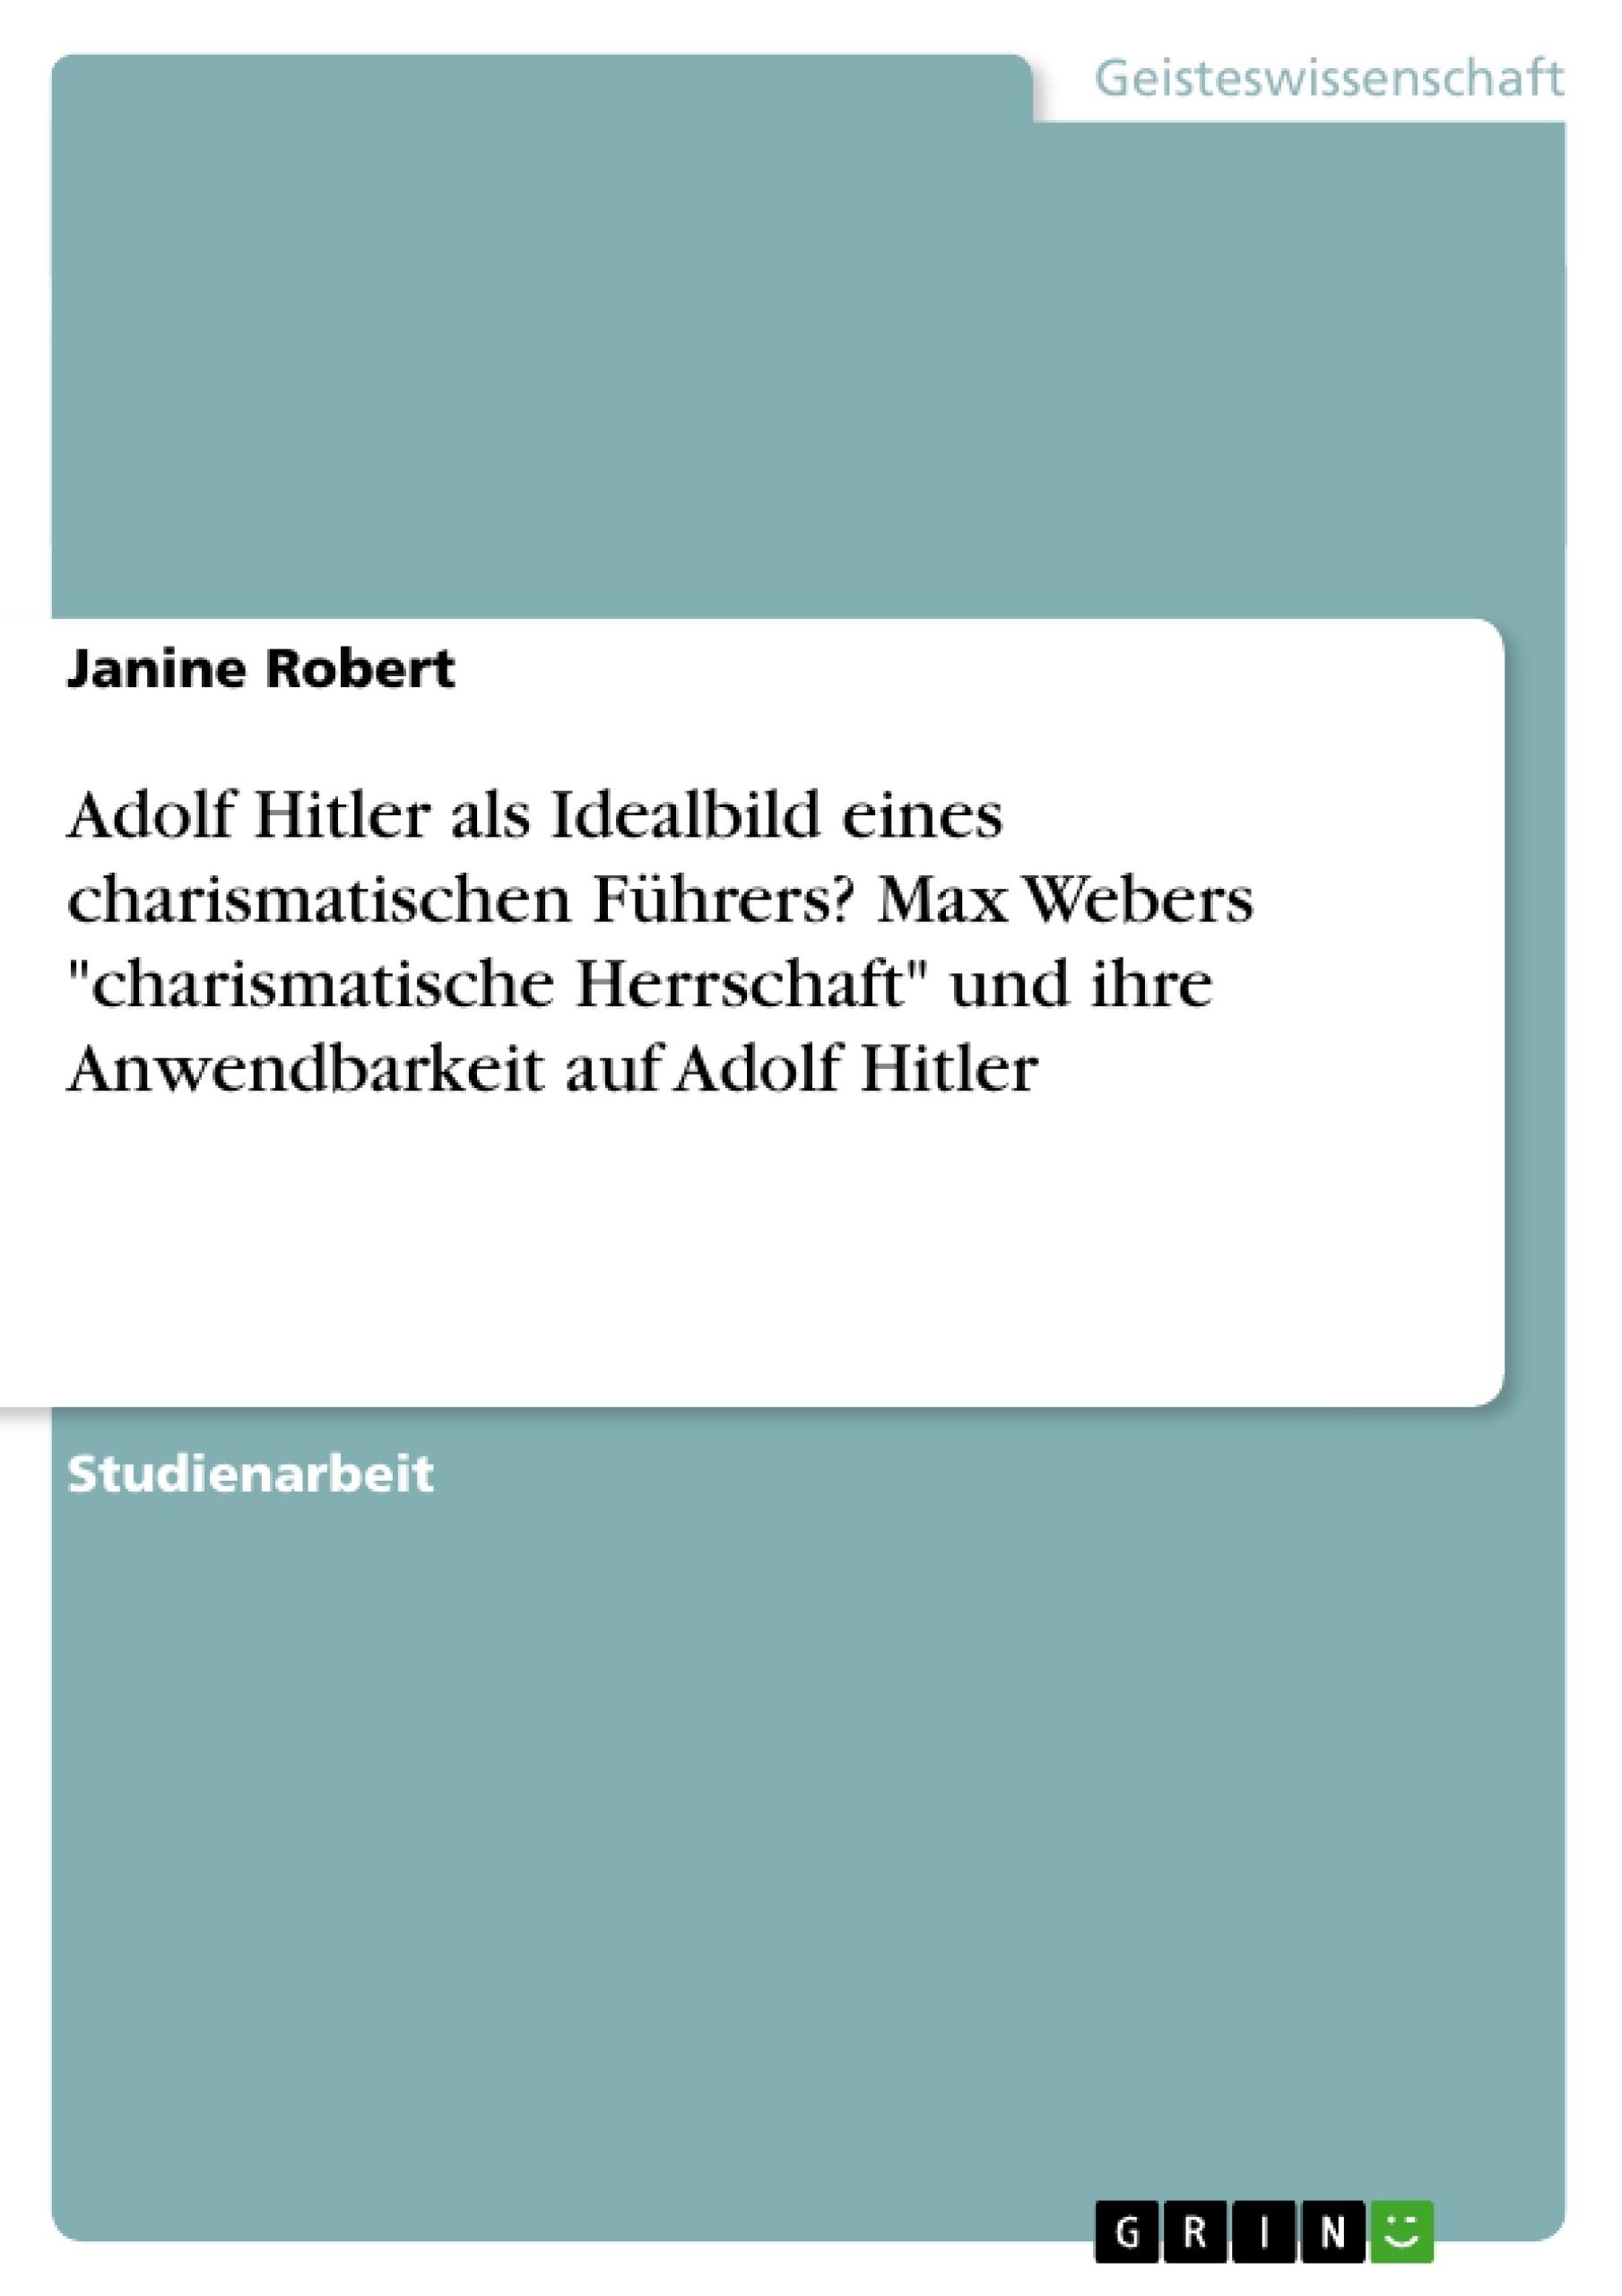 """Titel: Adolf Hitler als Idealbild eines charismatischen Führers? Max Webers """"charismatische Herrschaft"""" und ihre Anwendbarkeit auf Adolf Hitler"""